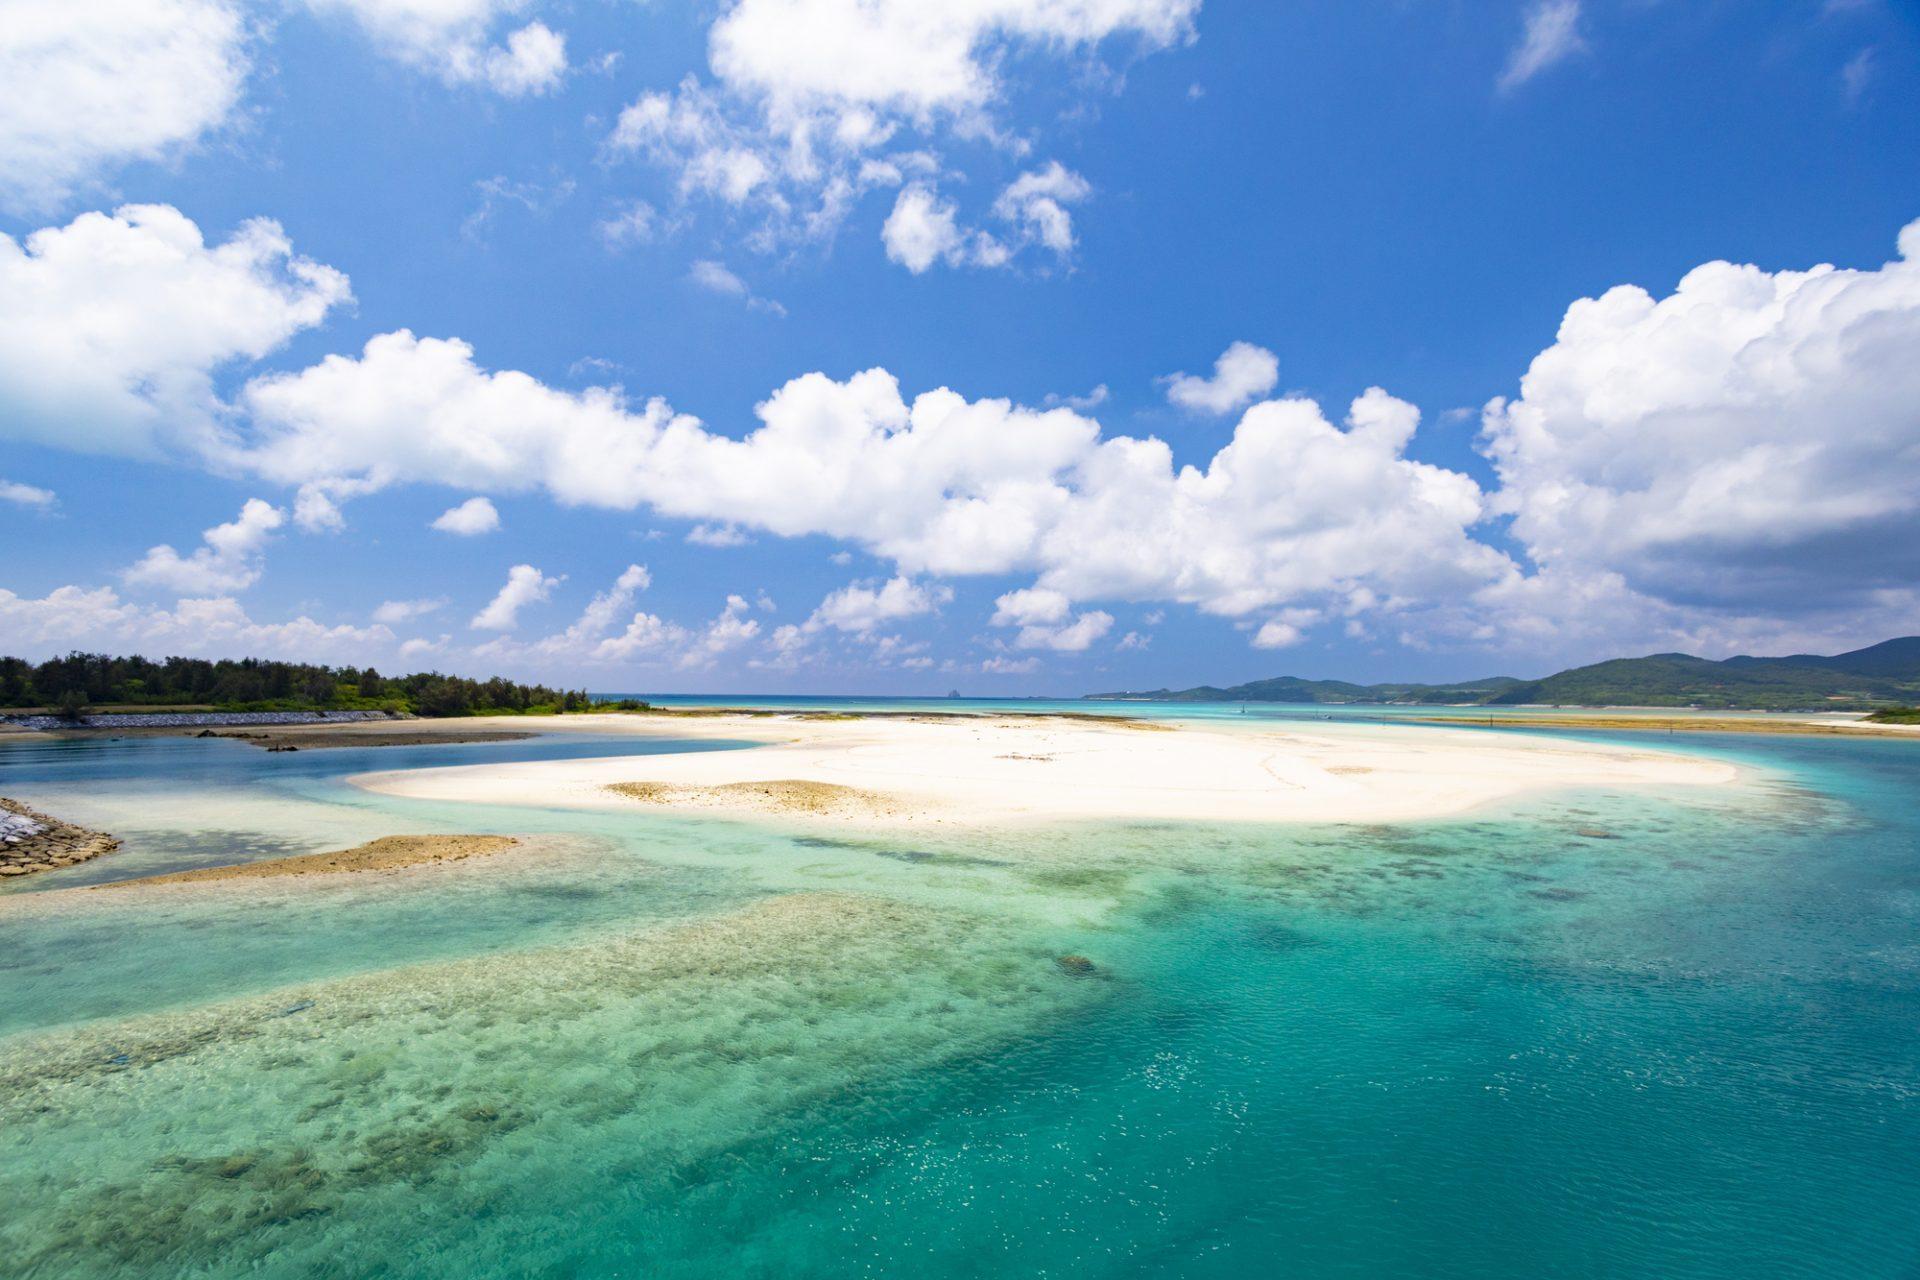 久米島 沖縄 離島 おすすめ 旅行 観光